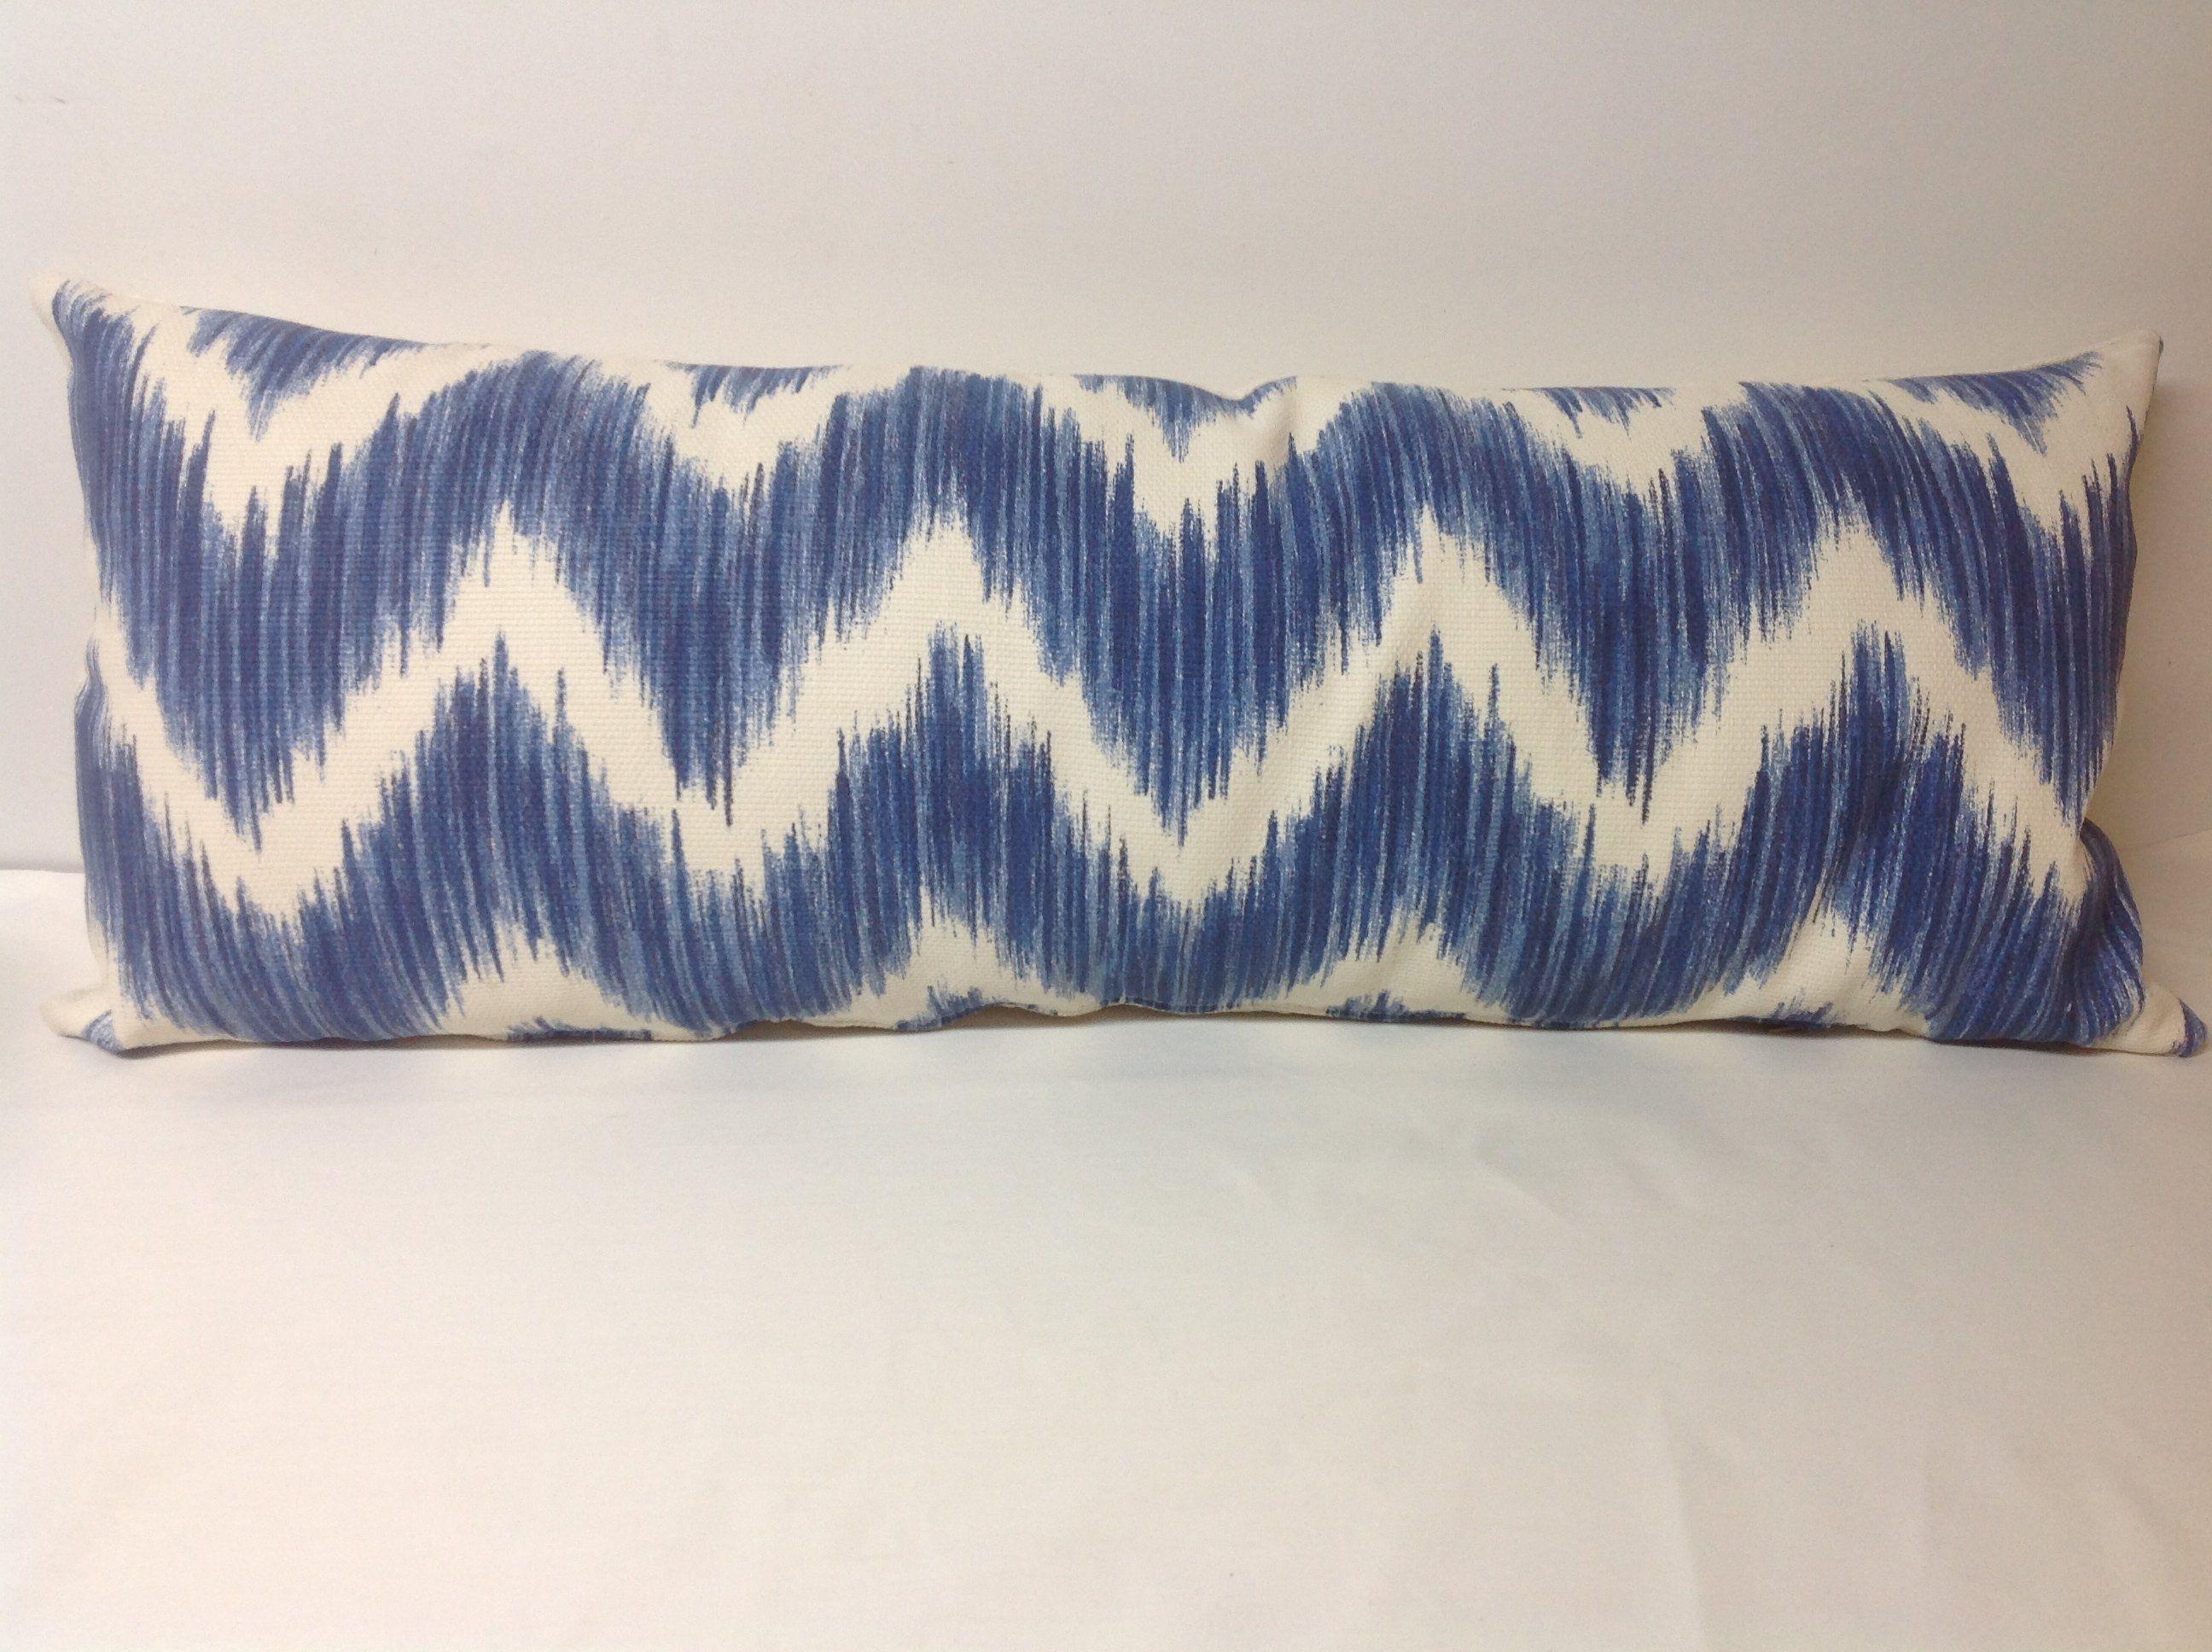 Decorative Pillow Bedding Large Lumbar Pillow Ikat Chevron Blue Free Shipping Pillow Cover Custom Mad Pillows Decorative Pillows Bed Pillows Decorative